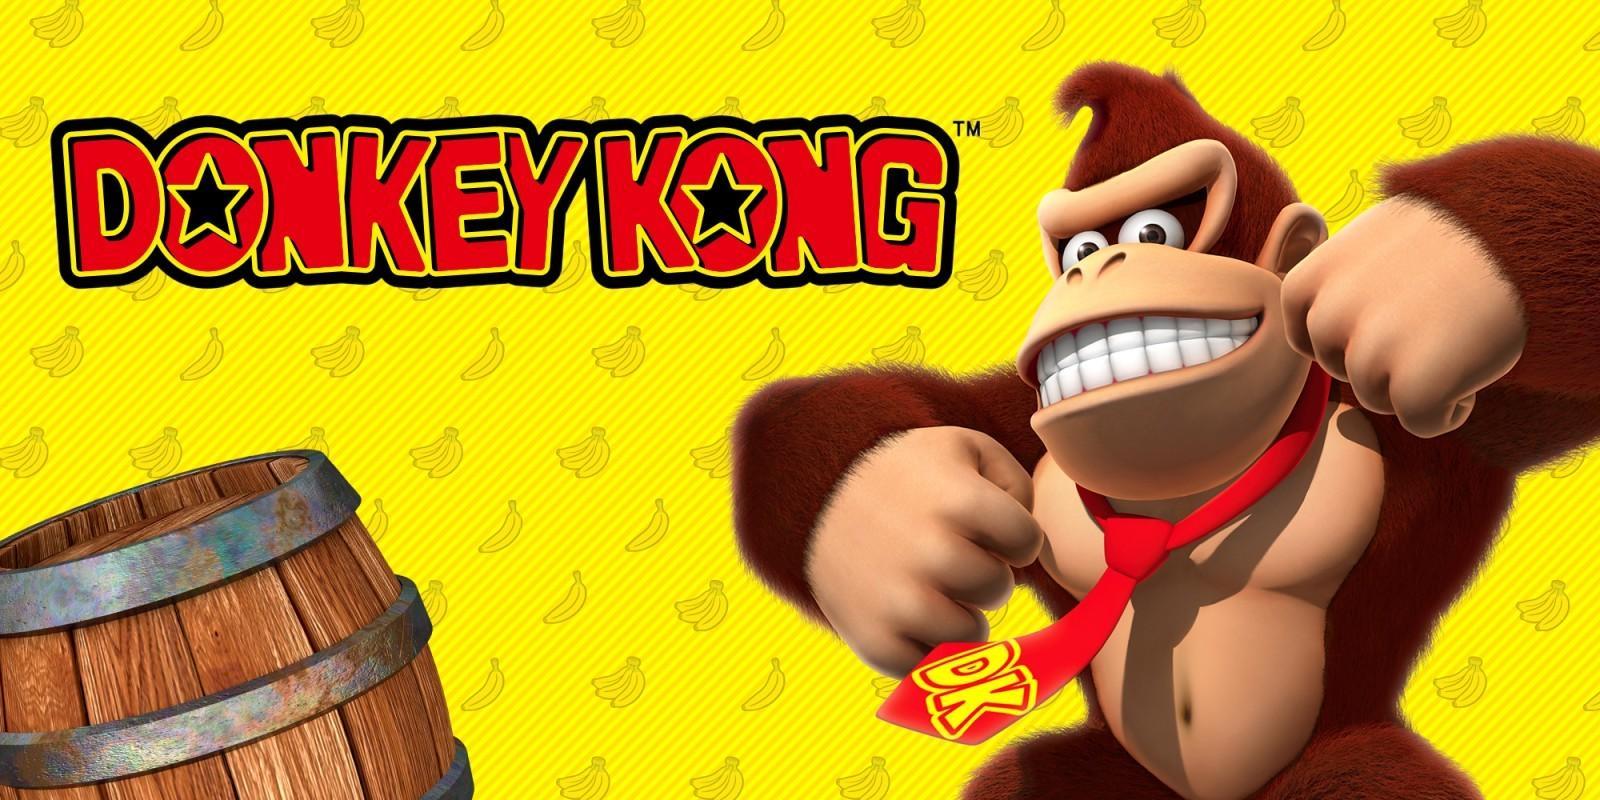 СМИ: Разработчики Super Mario Odyssey работают над новой игрой в серии Donkey Kong 3